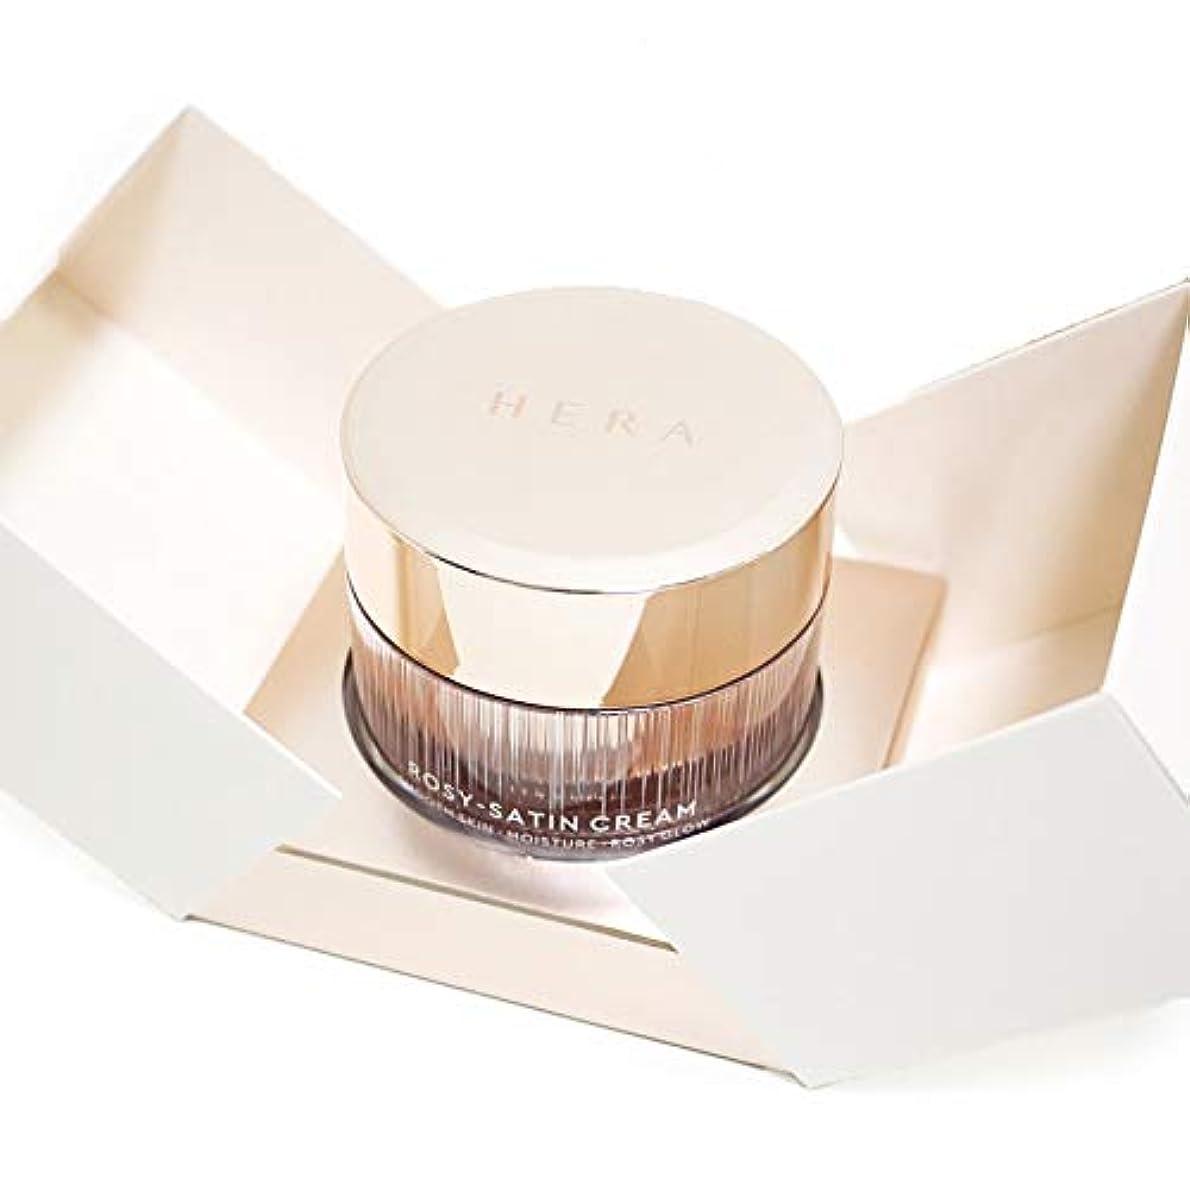 風景シェーバースペース[ヘラ HERA] 新発売 ロージーサテンクリーム50ML Rosy-Satin Cream 50ml  海外直送品